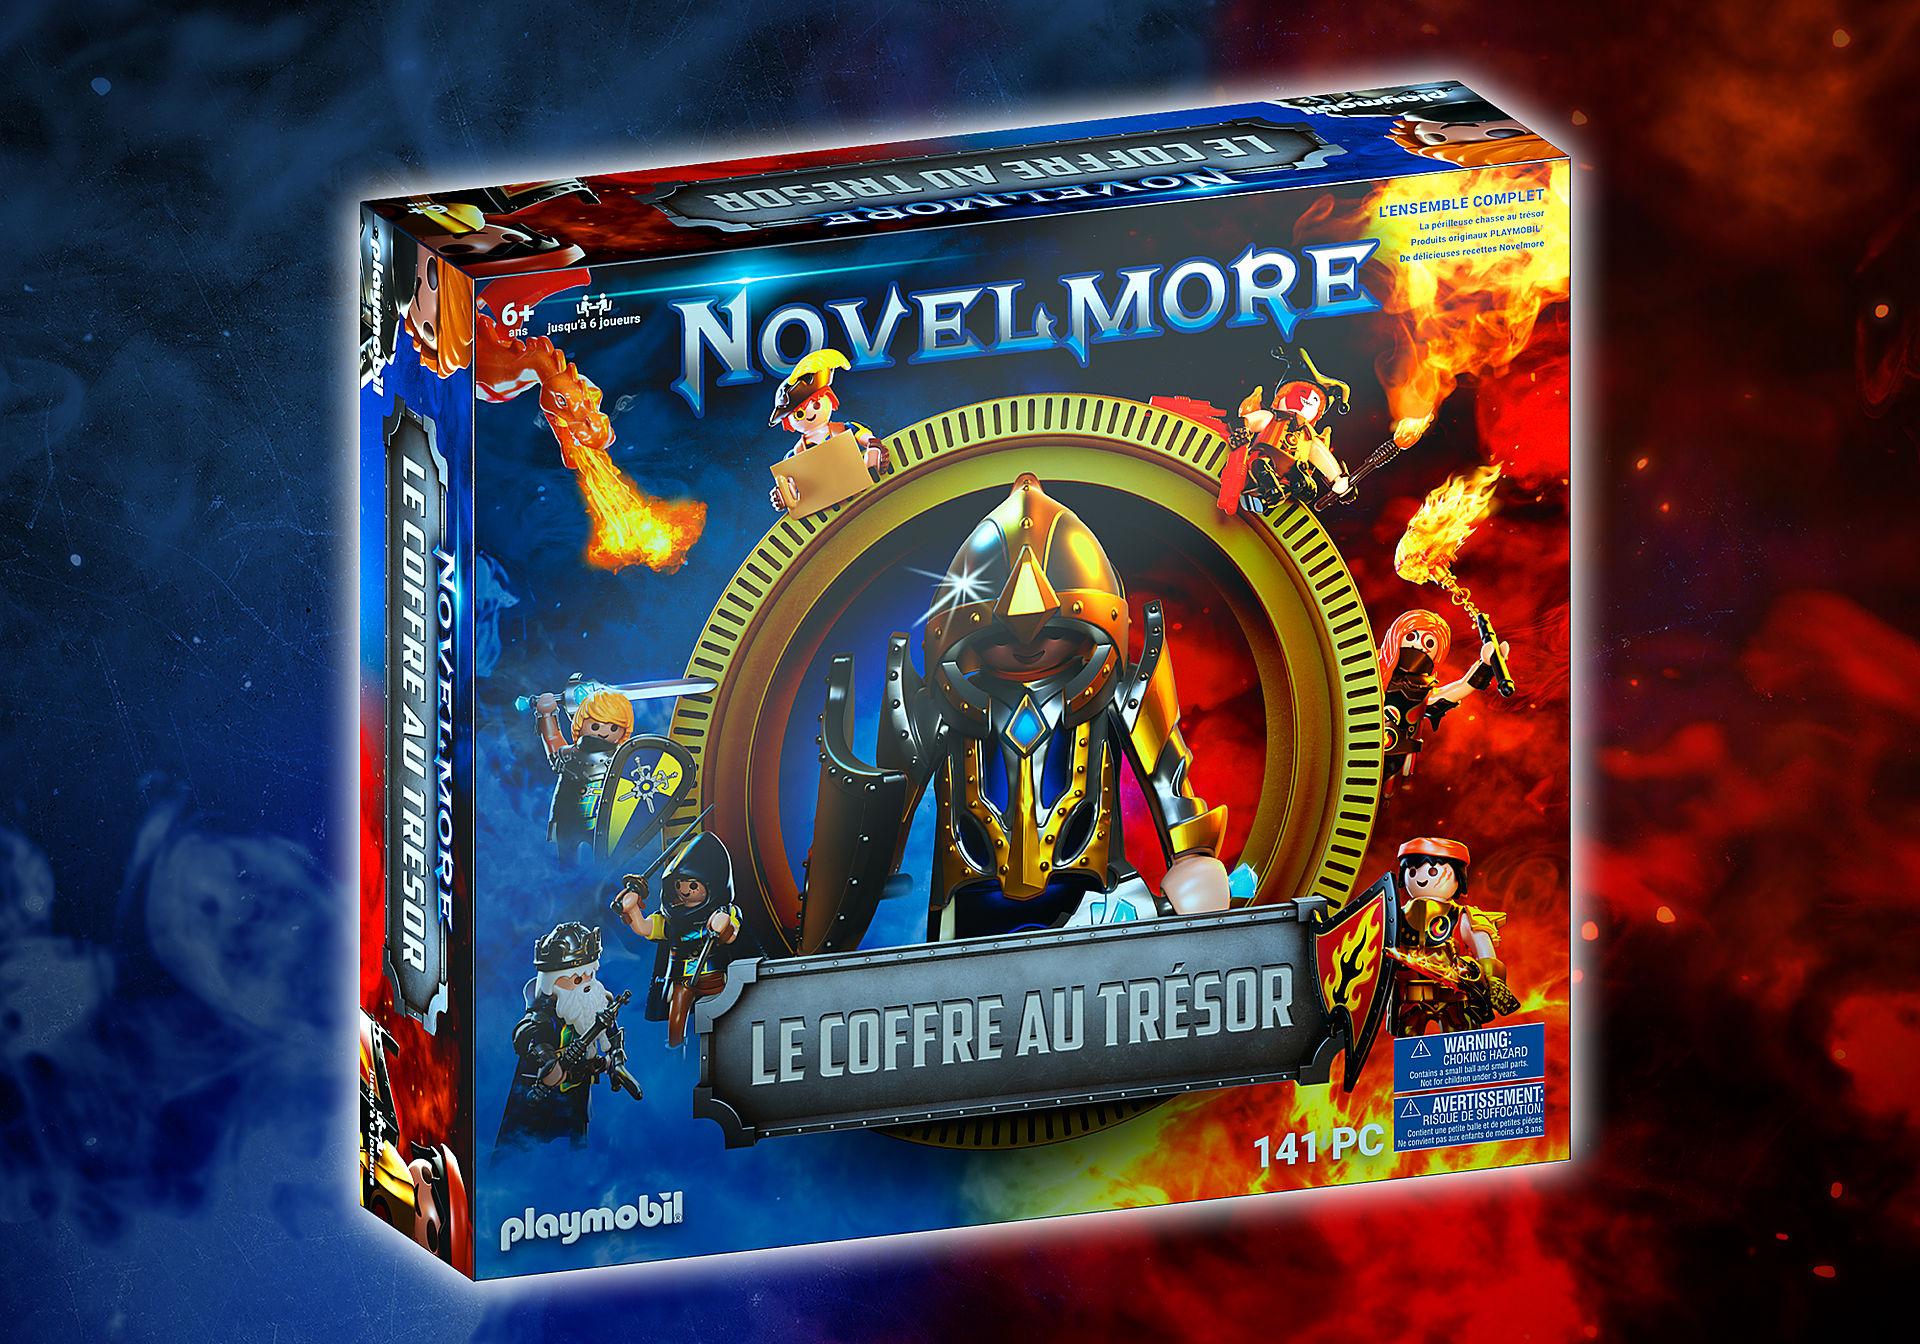 70846 Box PLAYMOBIL®: Le coffre au trésor NOVELMORE L'événement familial zoom image1